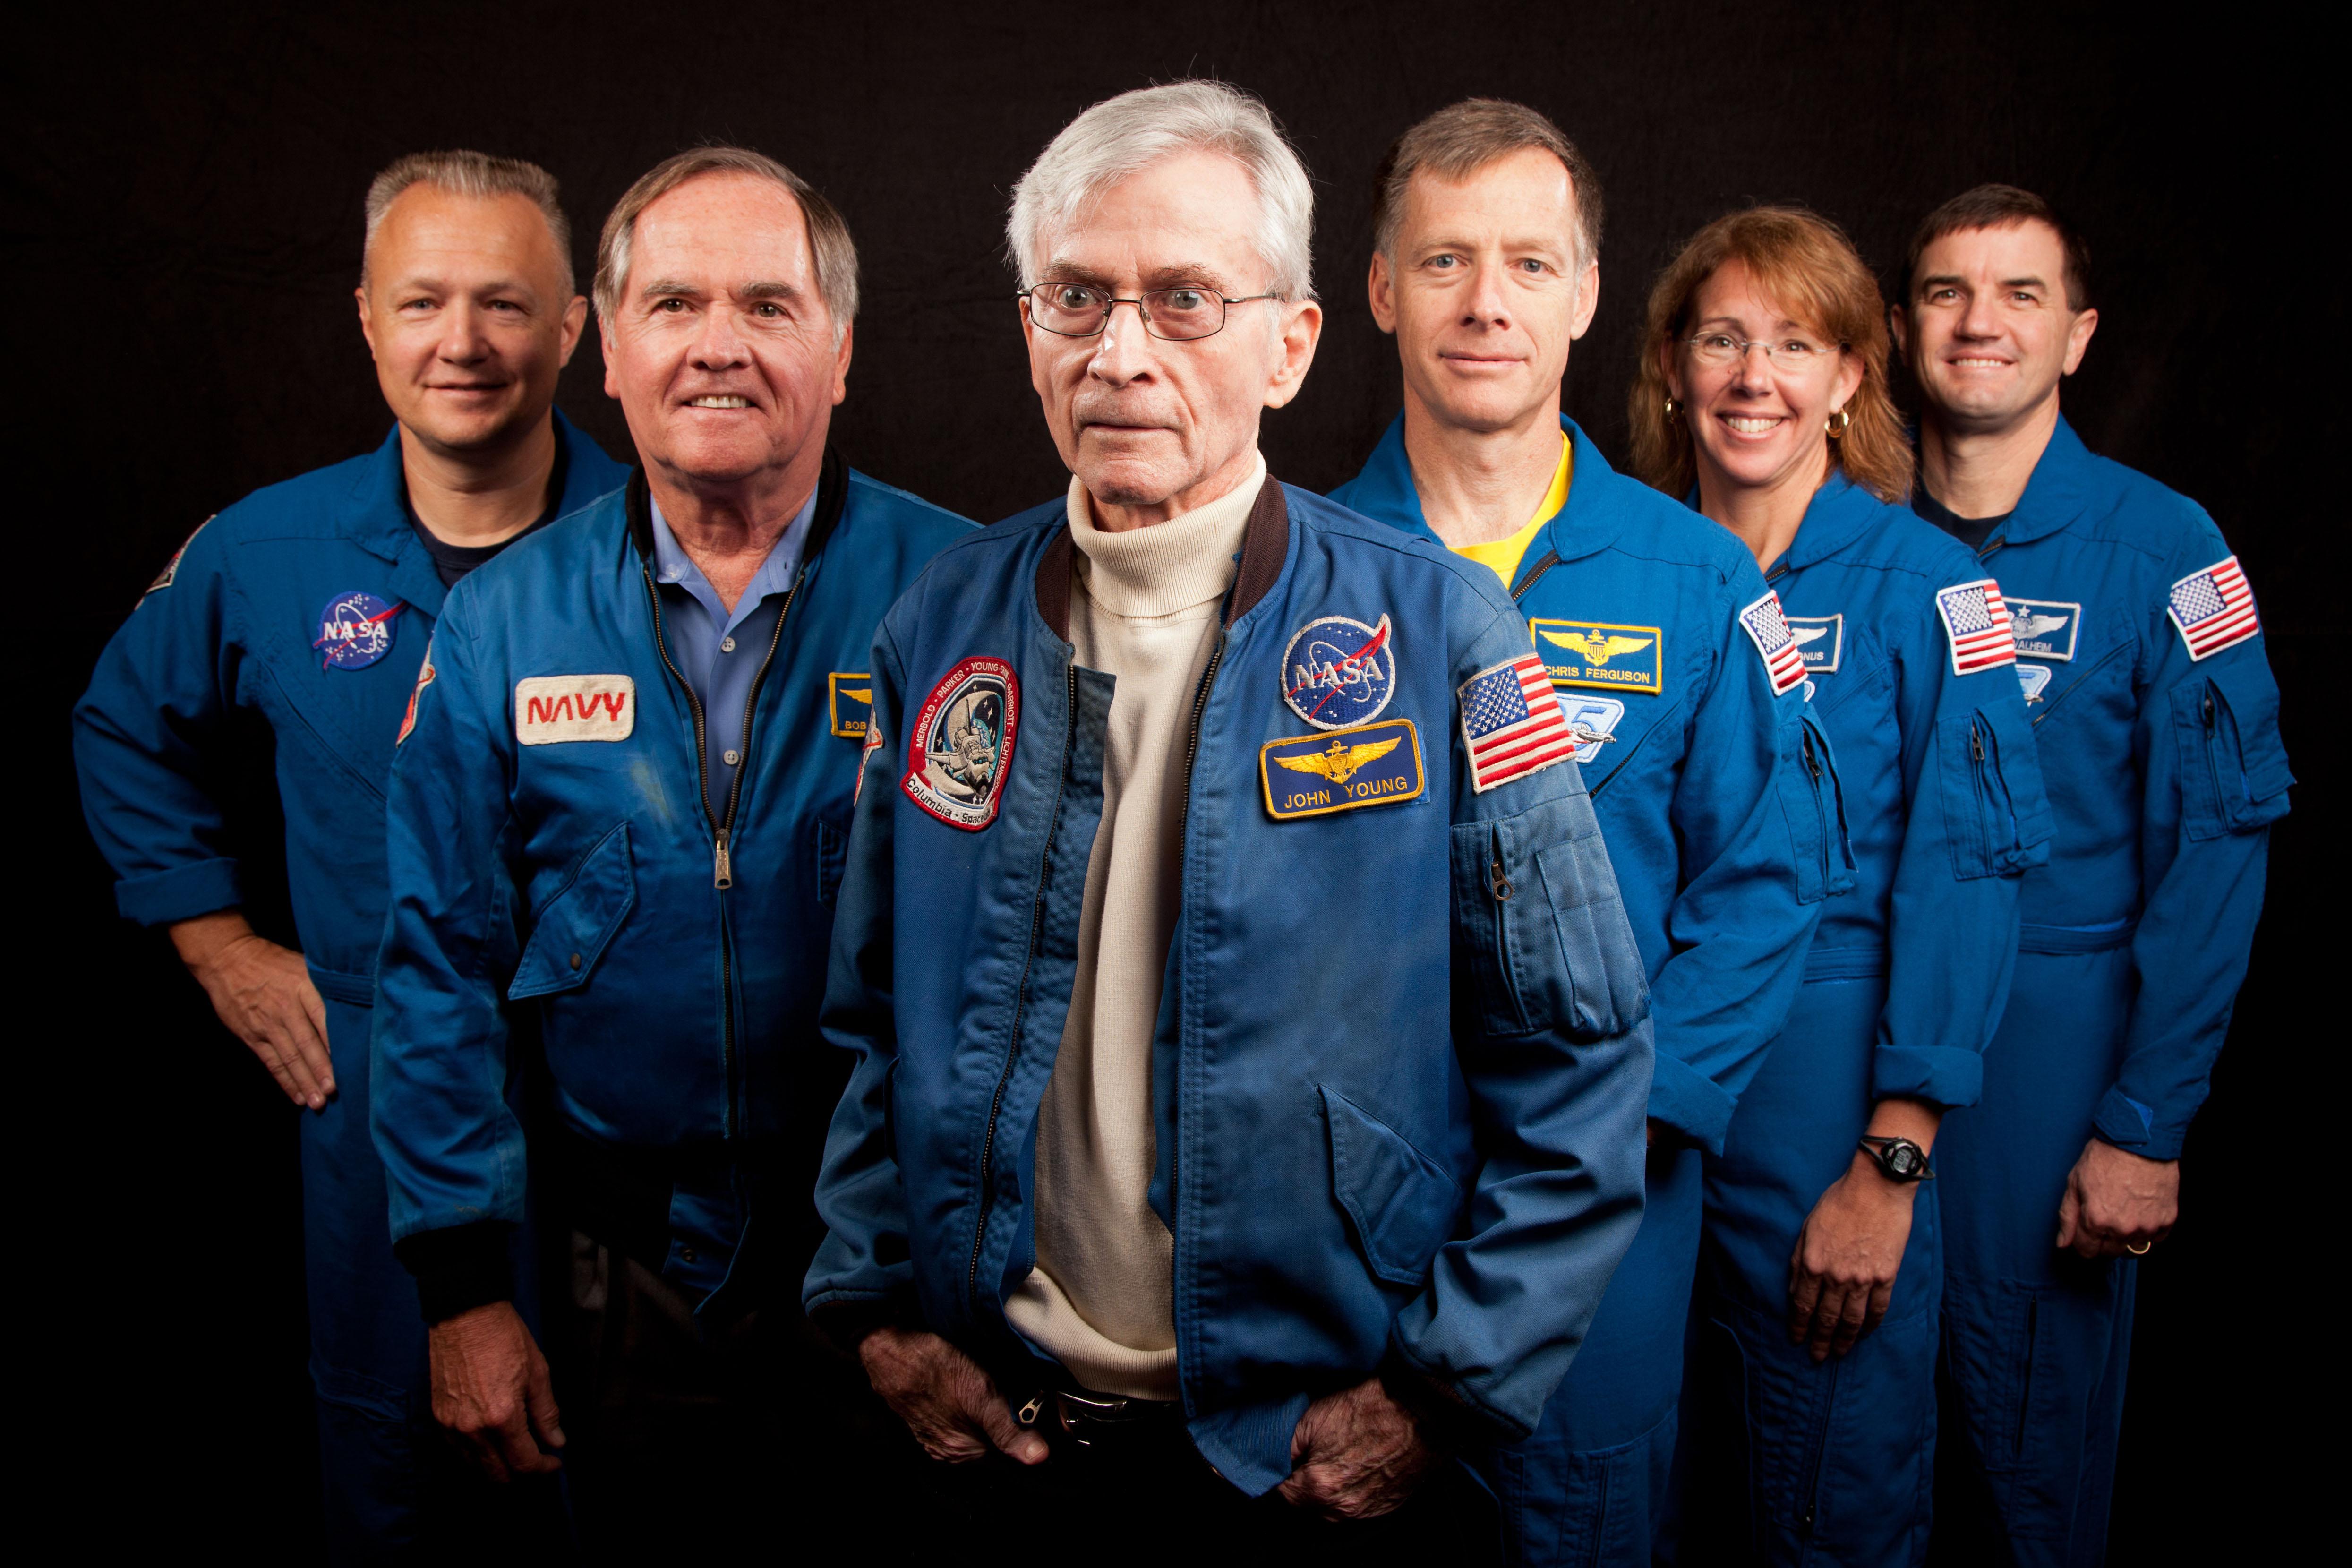 Premier et dernier équipages STS 601501main_jsc2011e205613_hires